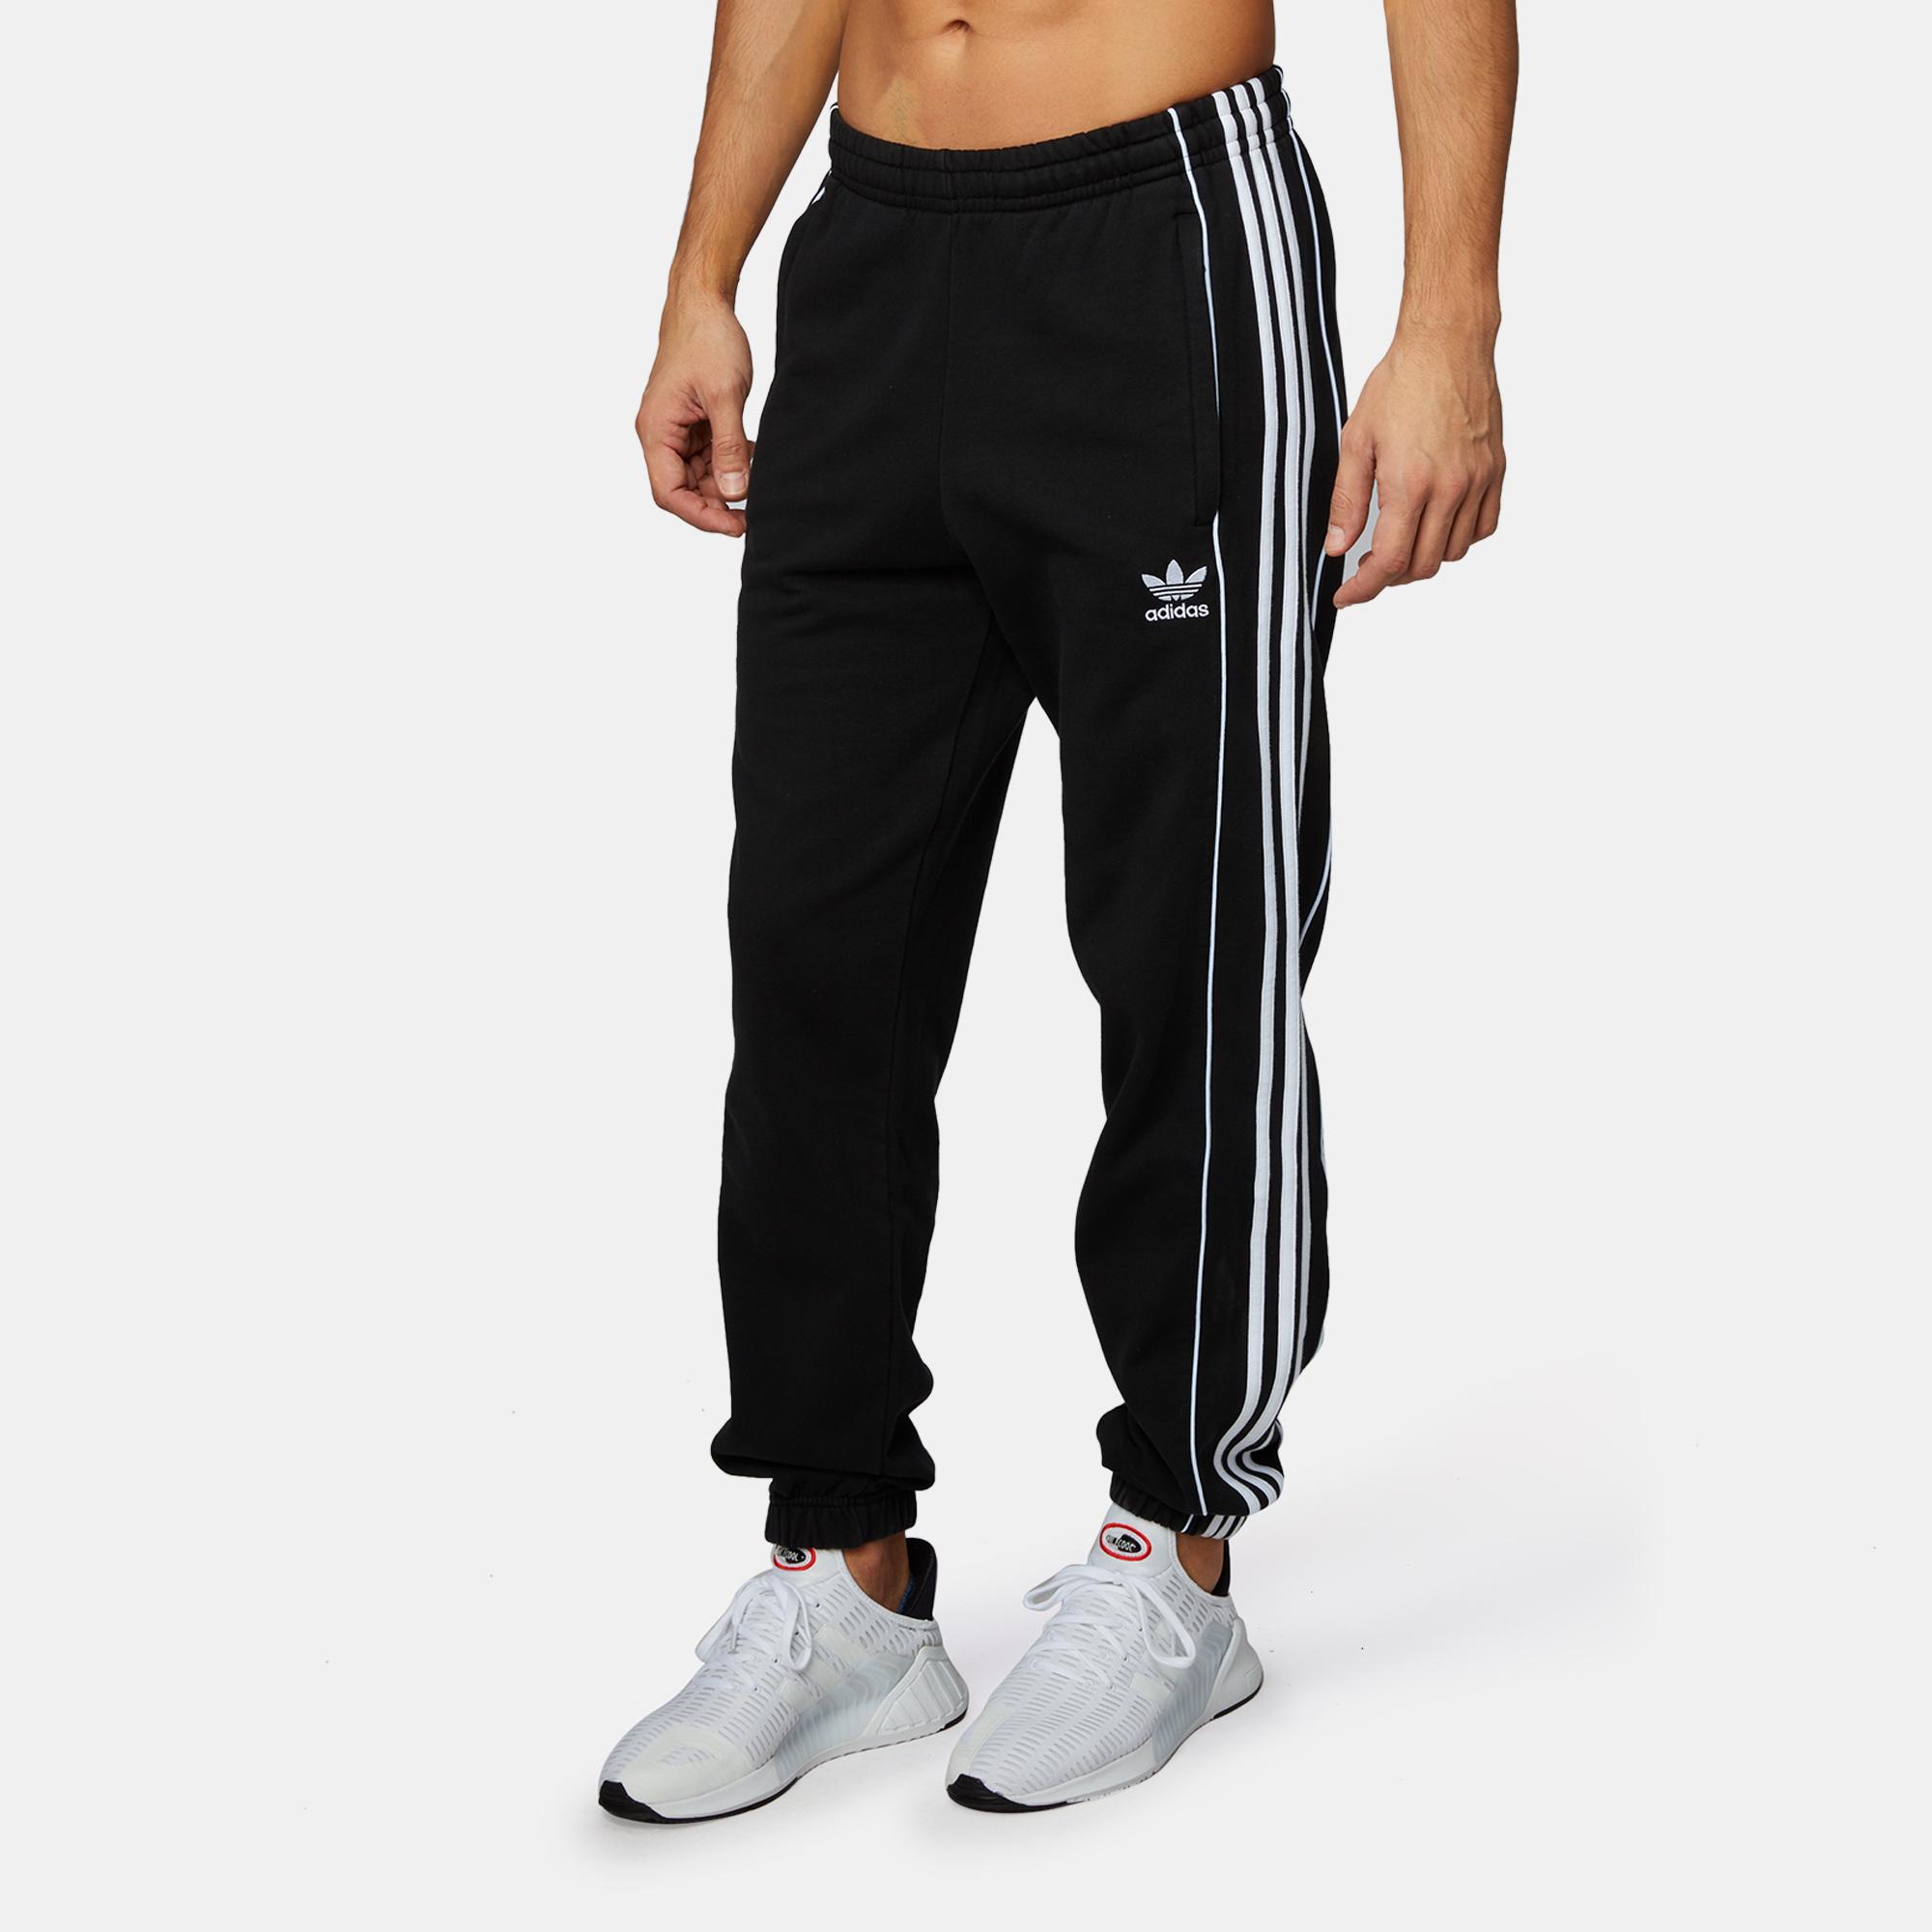 ba7e40fd1 adidas Originals Pipe Sweatpants